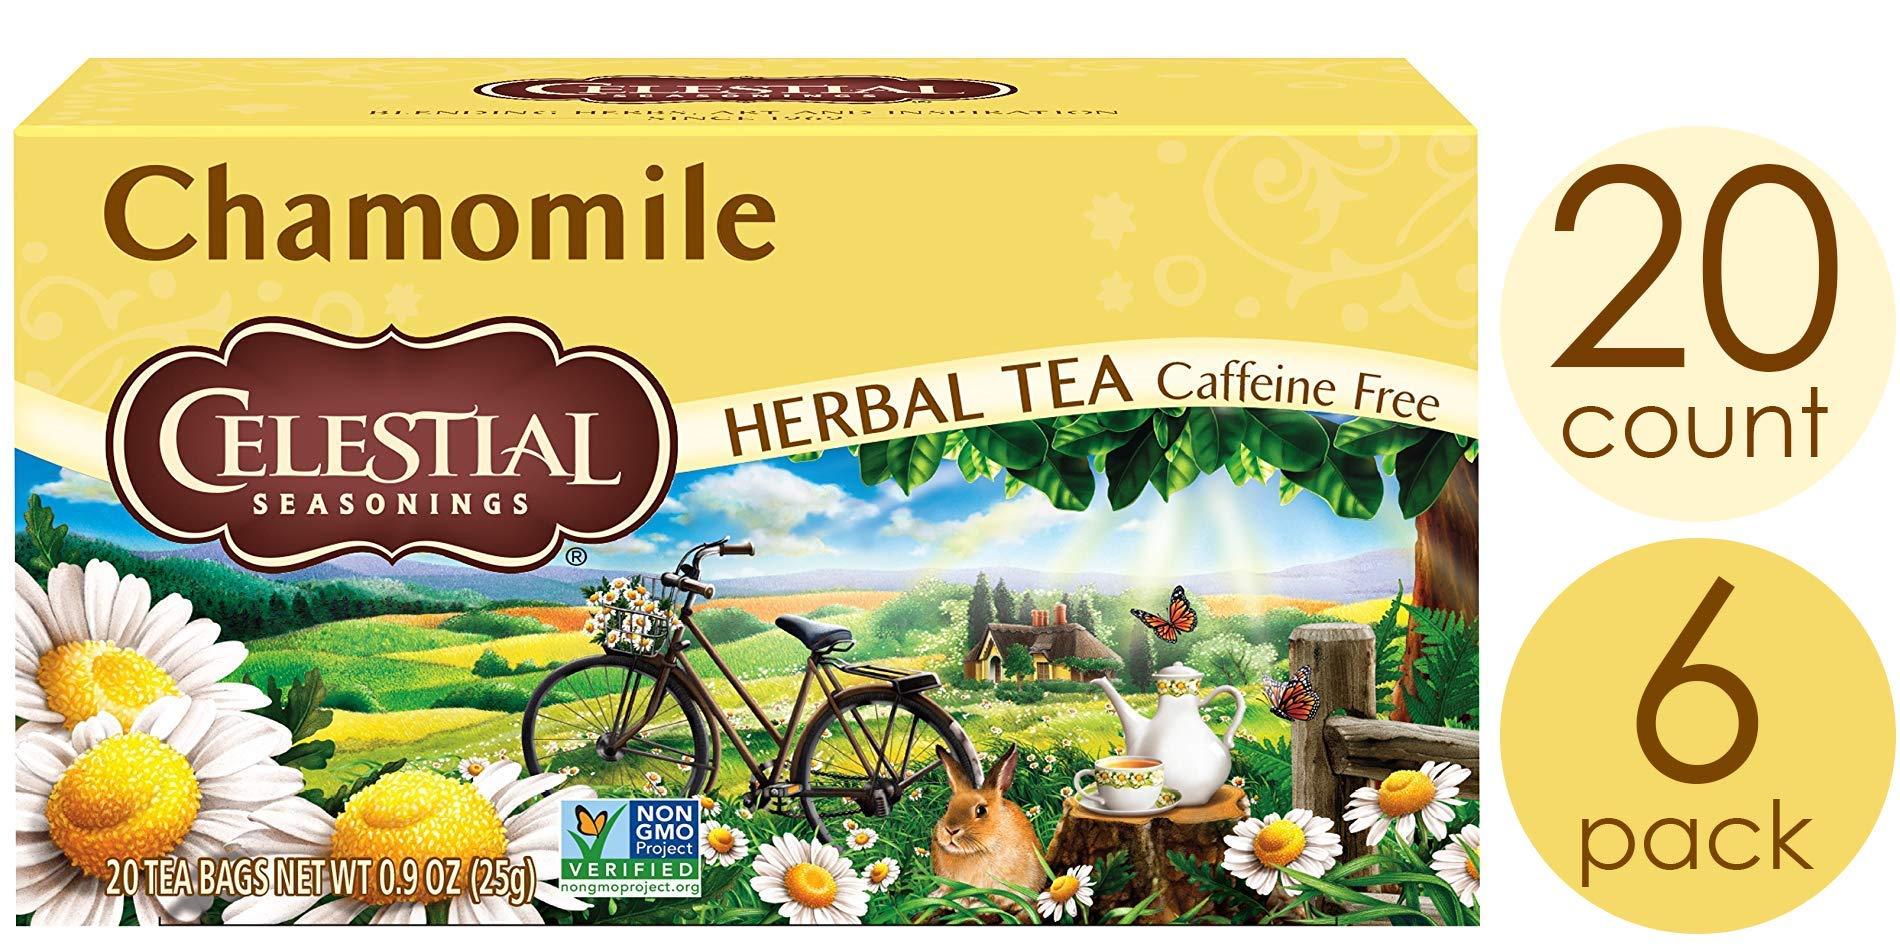 Celestial Seasonings Herbal Tea, Chamomile, 20 Count (Pack of 6) by Celestial Seasonings